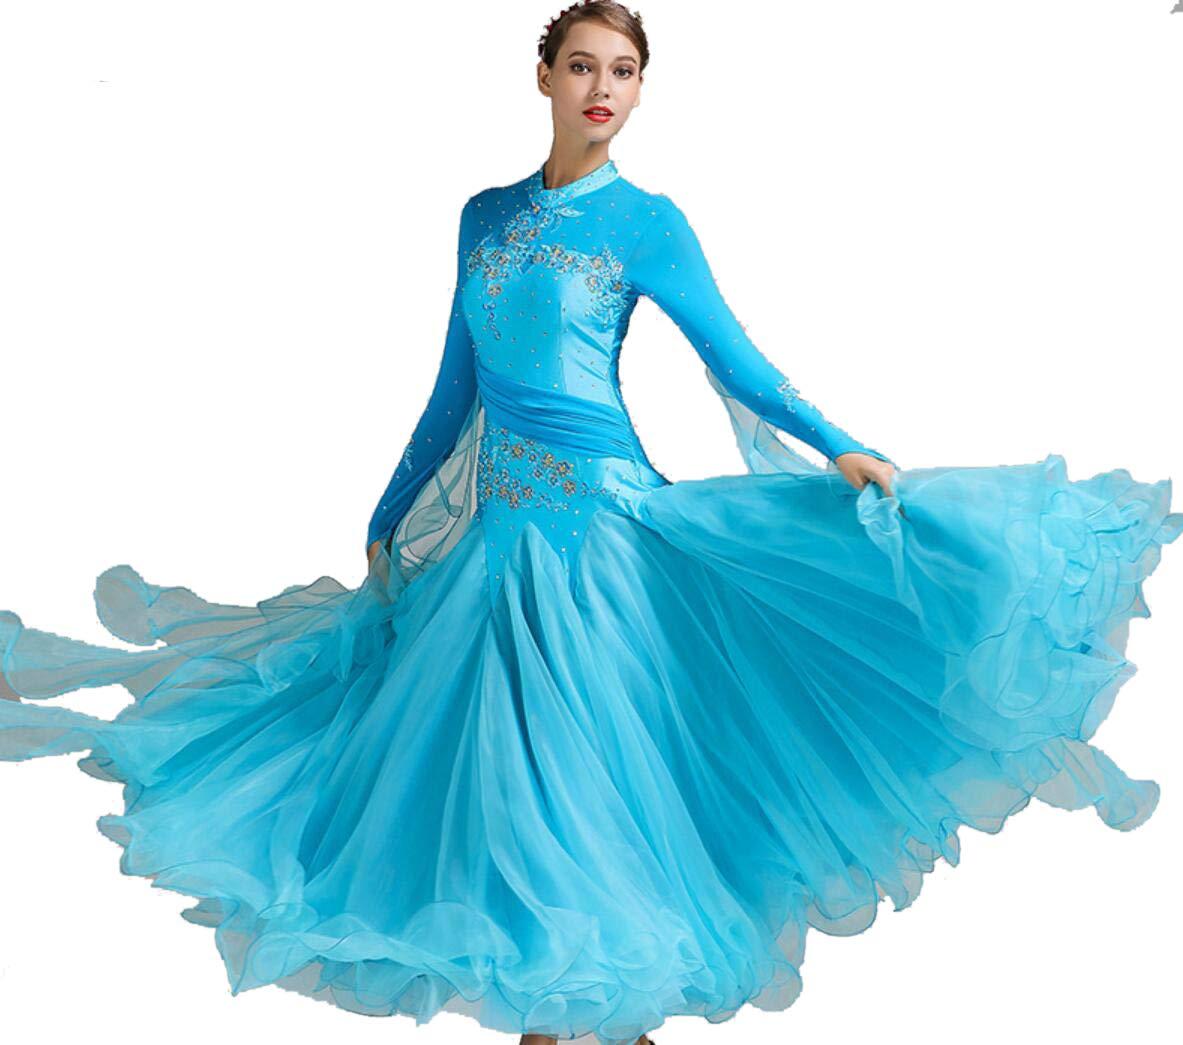 A XL SMACO Femmes Modernes Valse Tango Danse VêteHommests Standard Robes de Concours de Danse de Salon